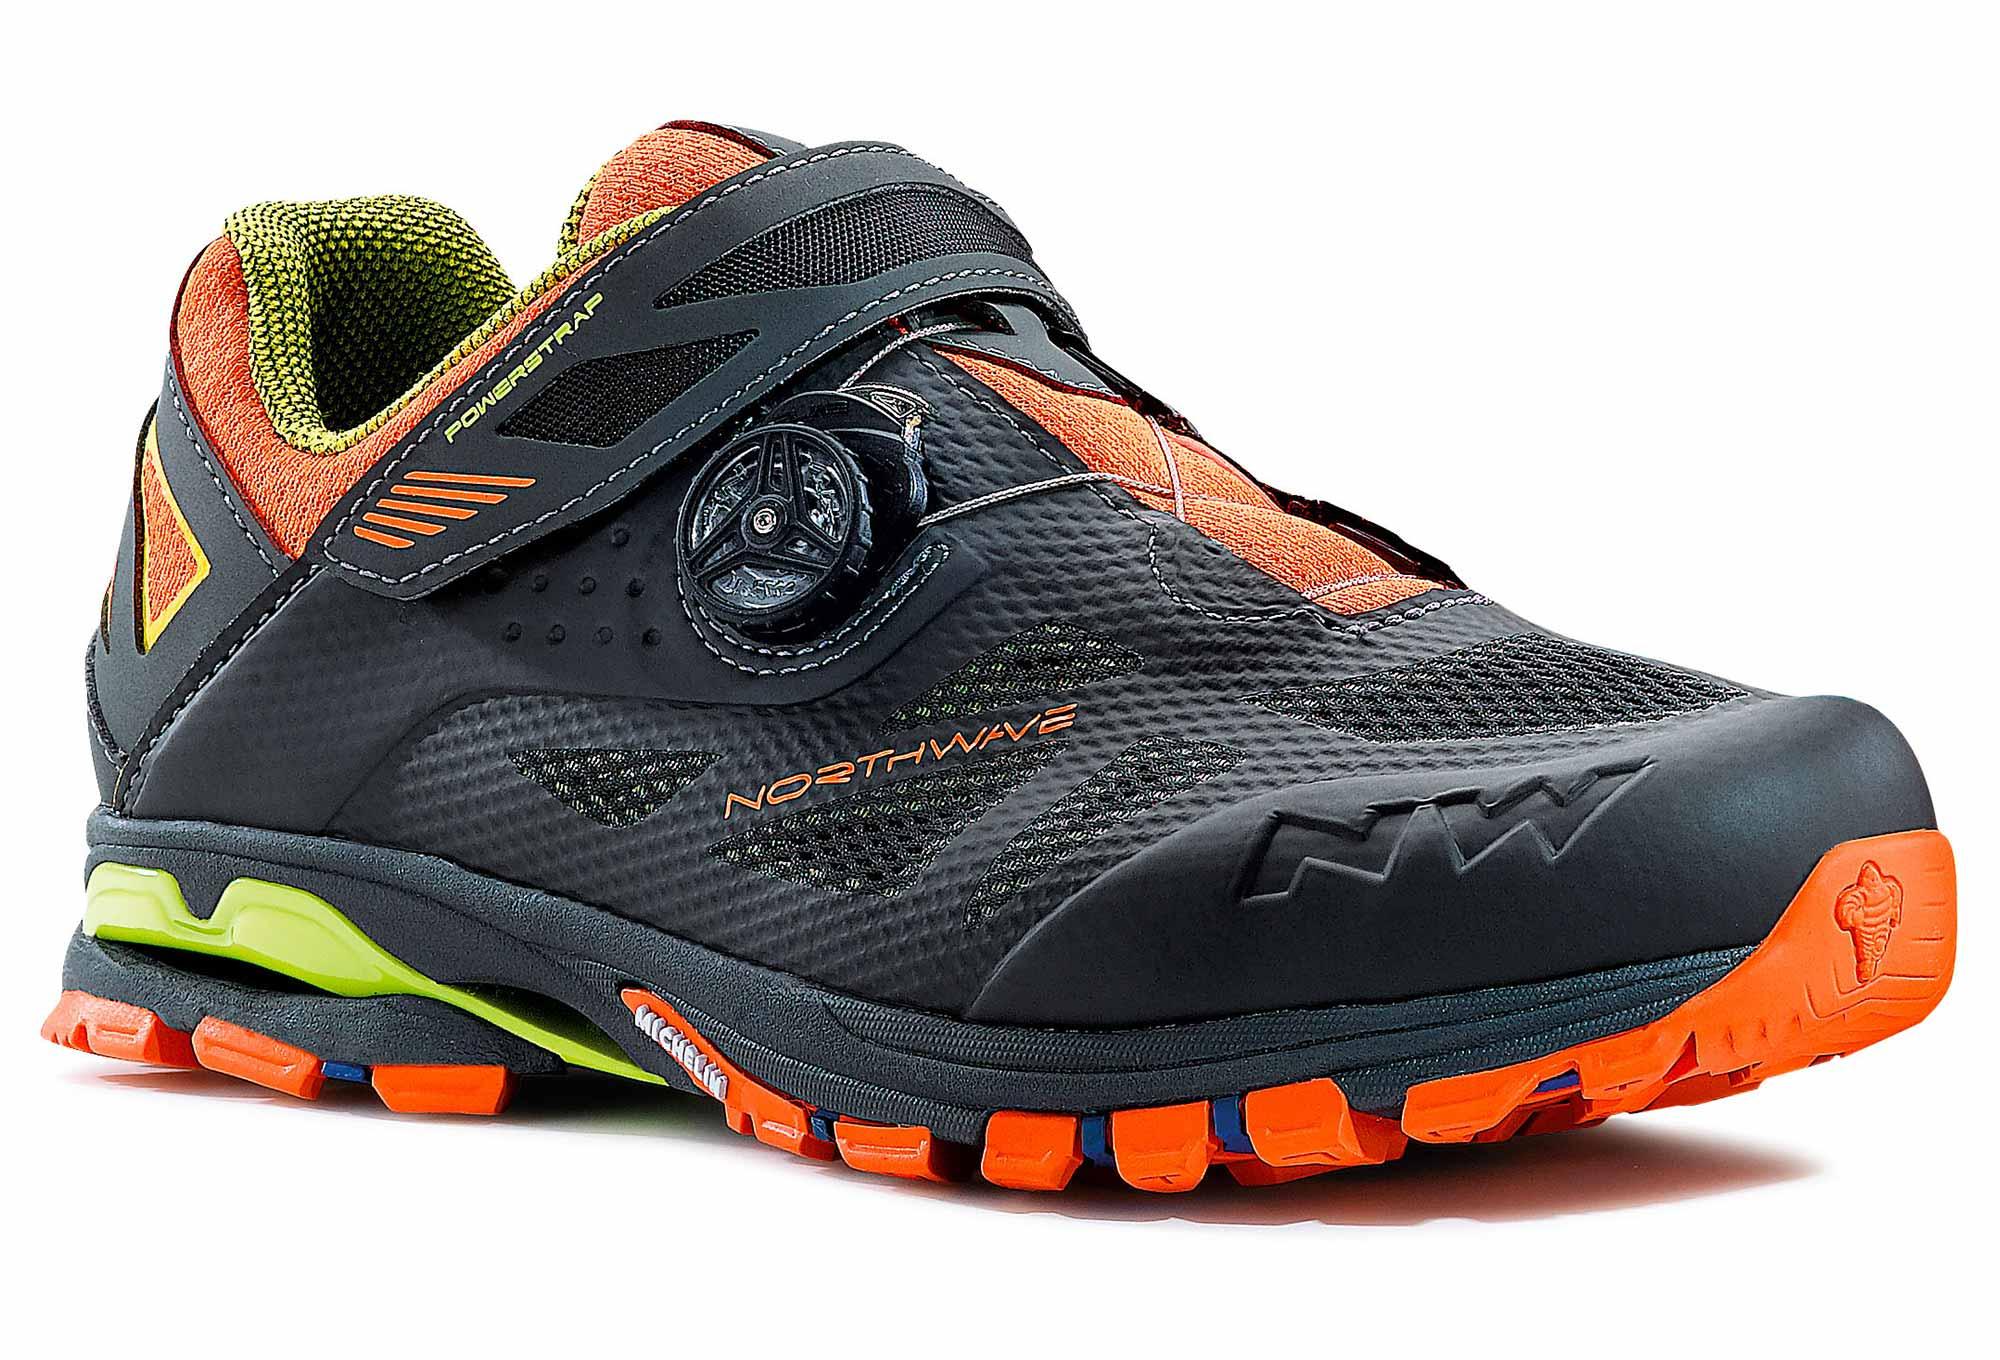 Plus Orange 2 Noir Northwave Vtt Anthracite Chaussures Spider CxeBrdo